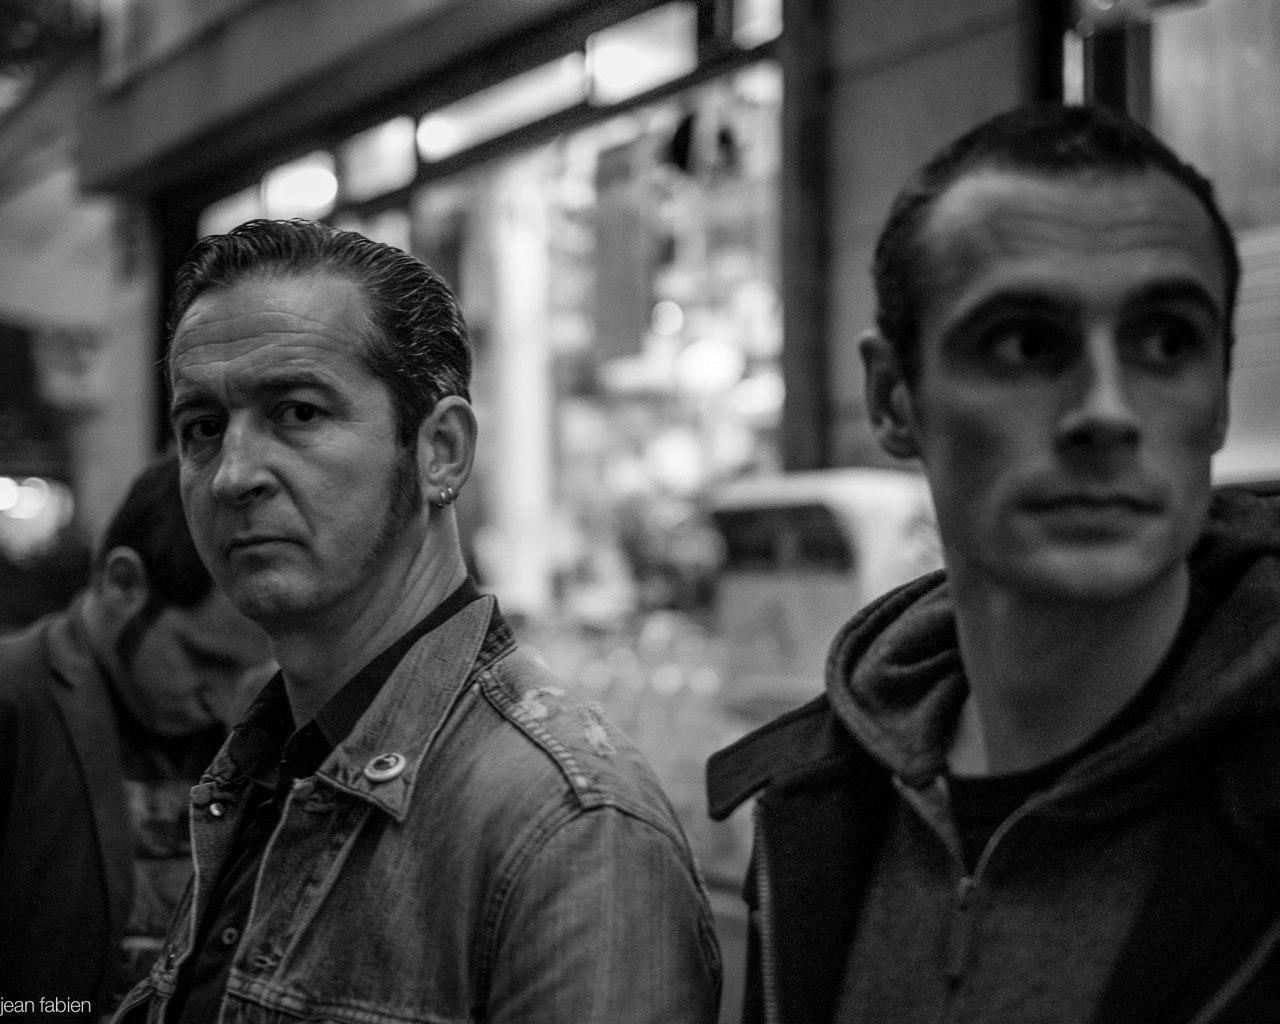 Fred Alpi (vorne), links hinten Chris Gianorsi und rechts Tom Decaestecker. (Foto: Jean Fabien)